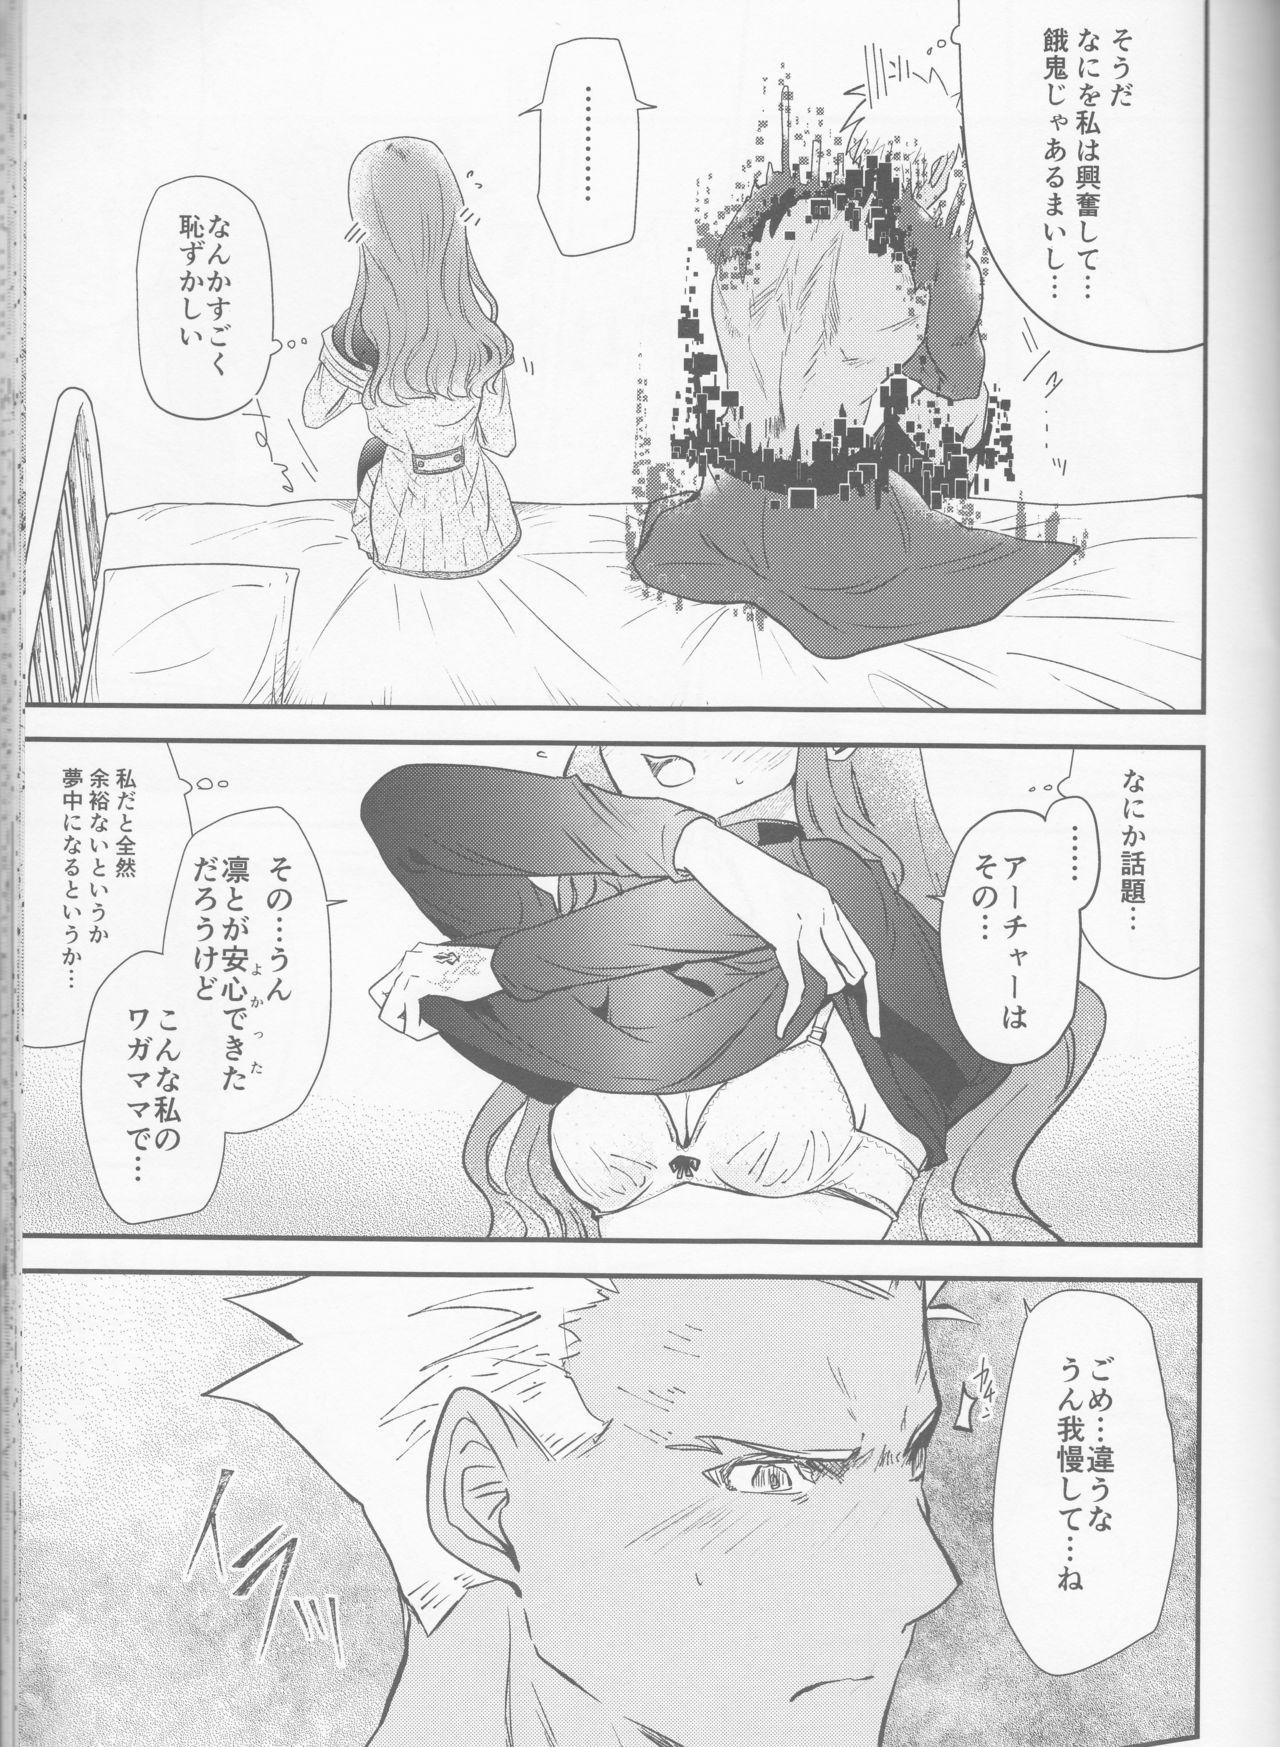 Hokenshitsu Eve Jiriki de Yarasete Kudasai Onegaishimasu 17